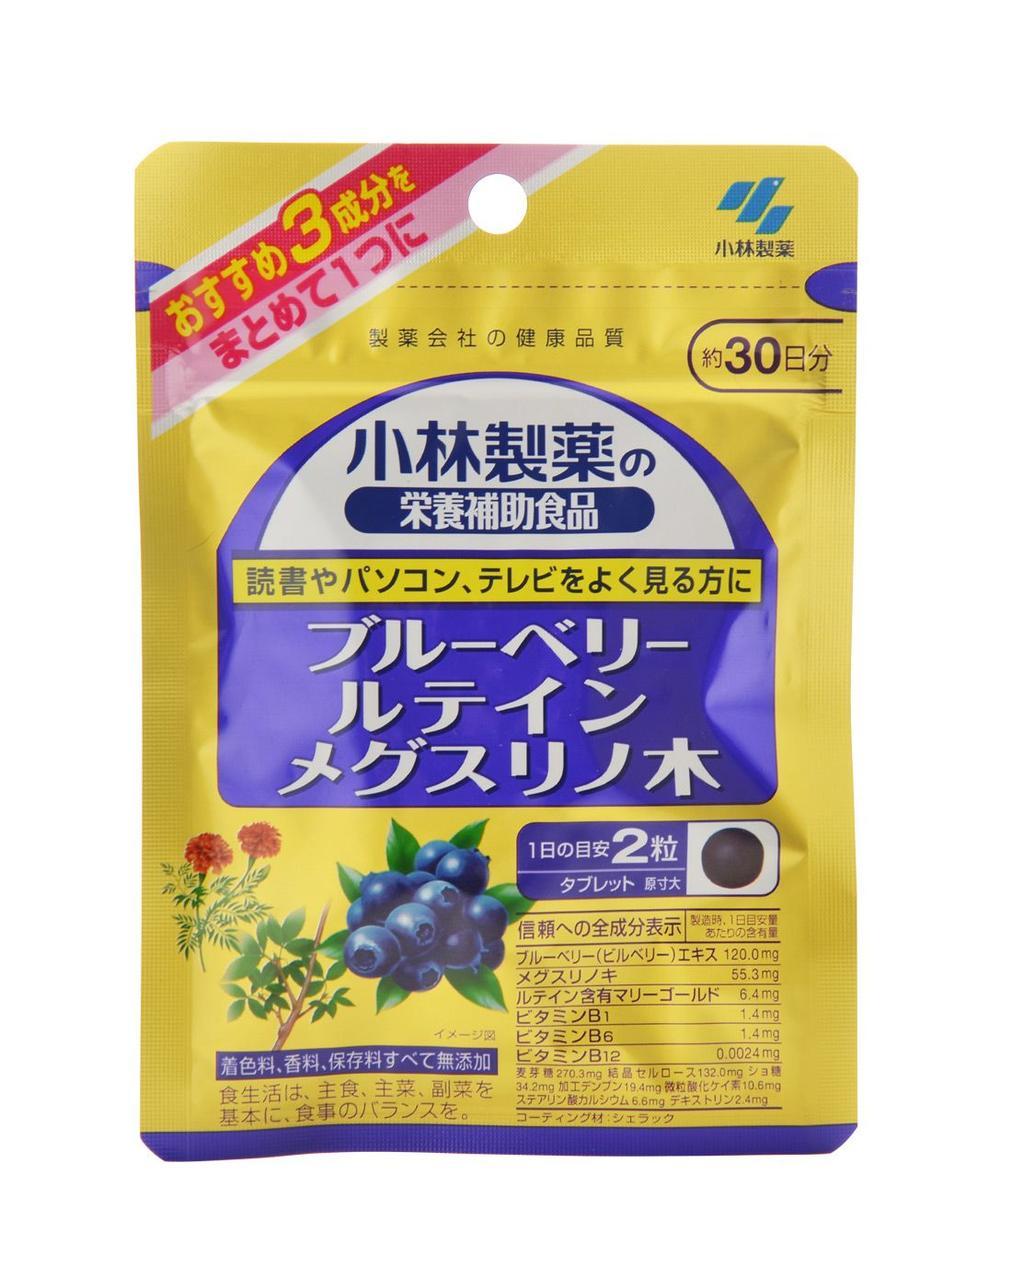 Kobayashi Екстракт чорниці + лютеїн + екстракт клена Максимовича + вітаміни для очей 60 шт на 30 днів.